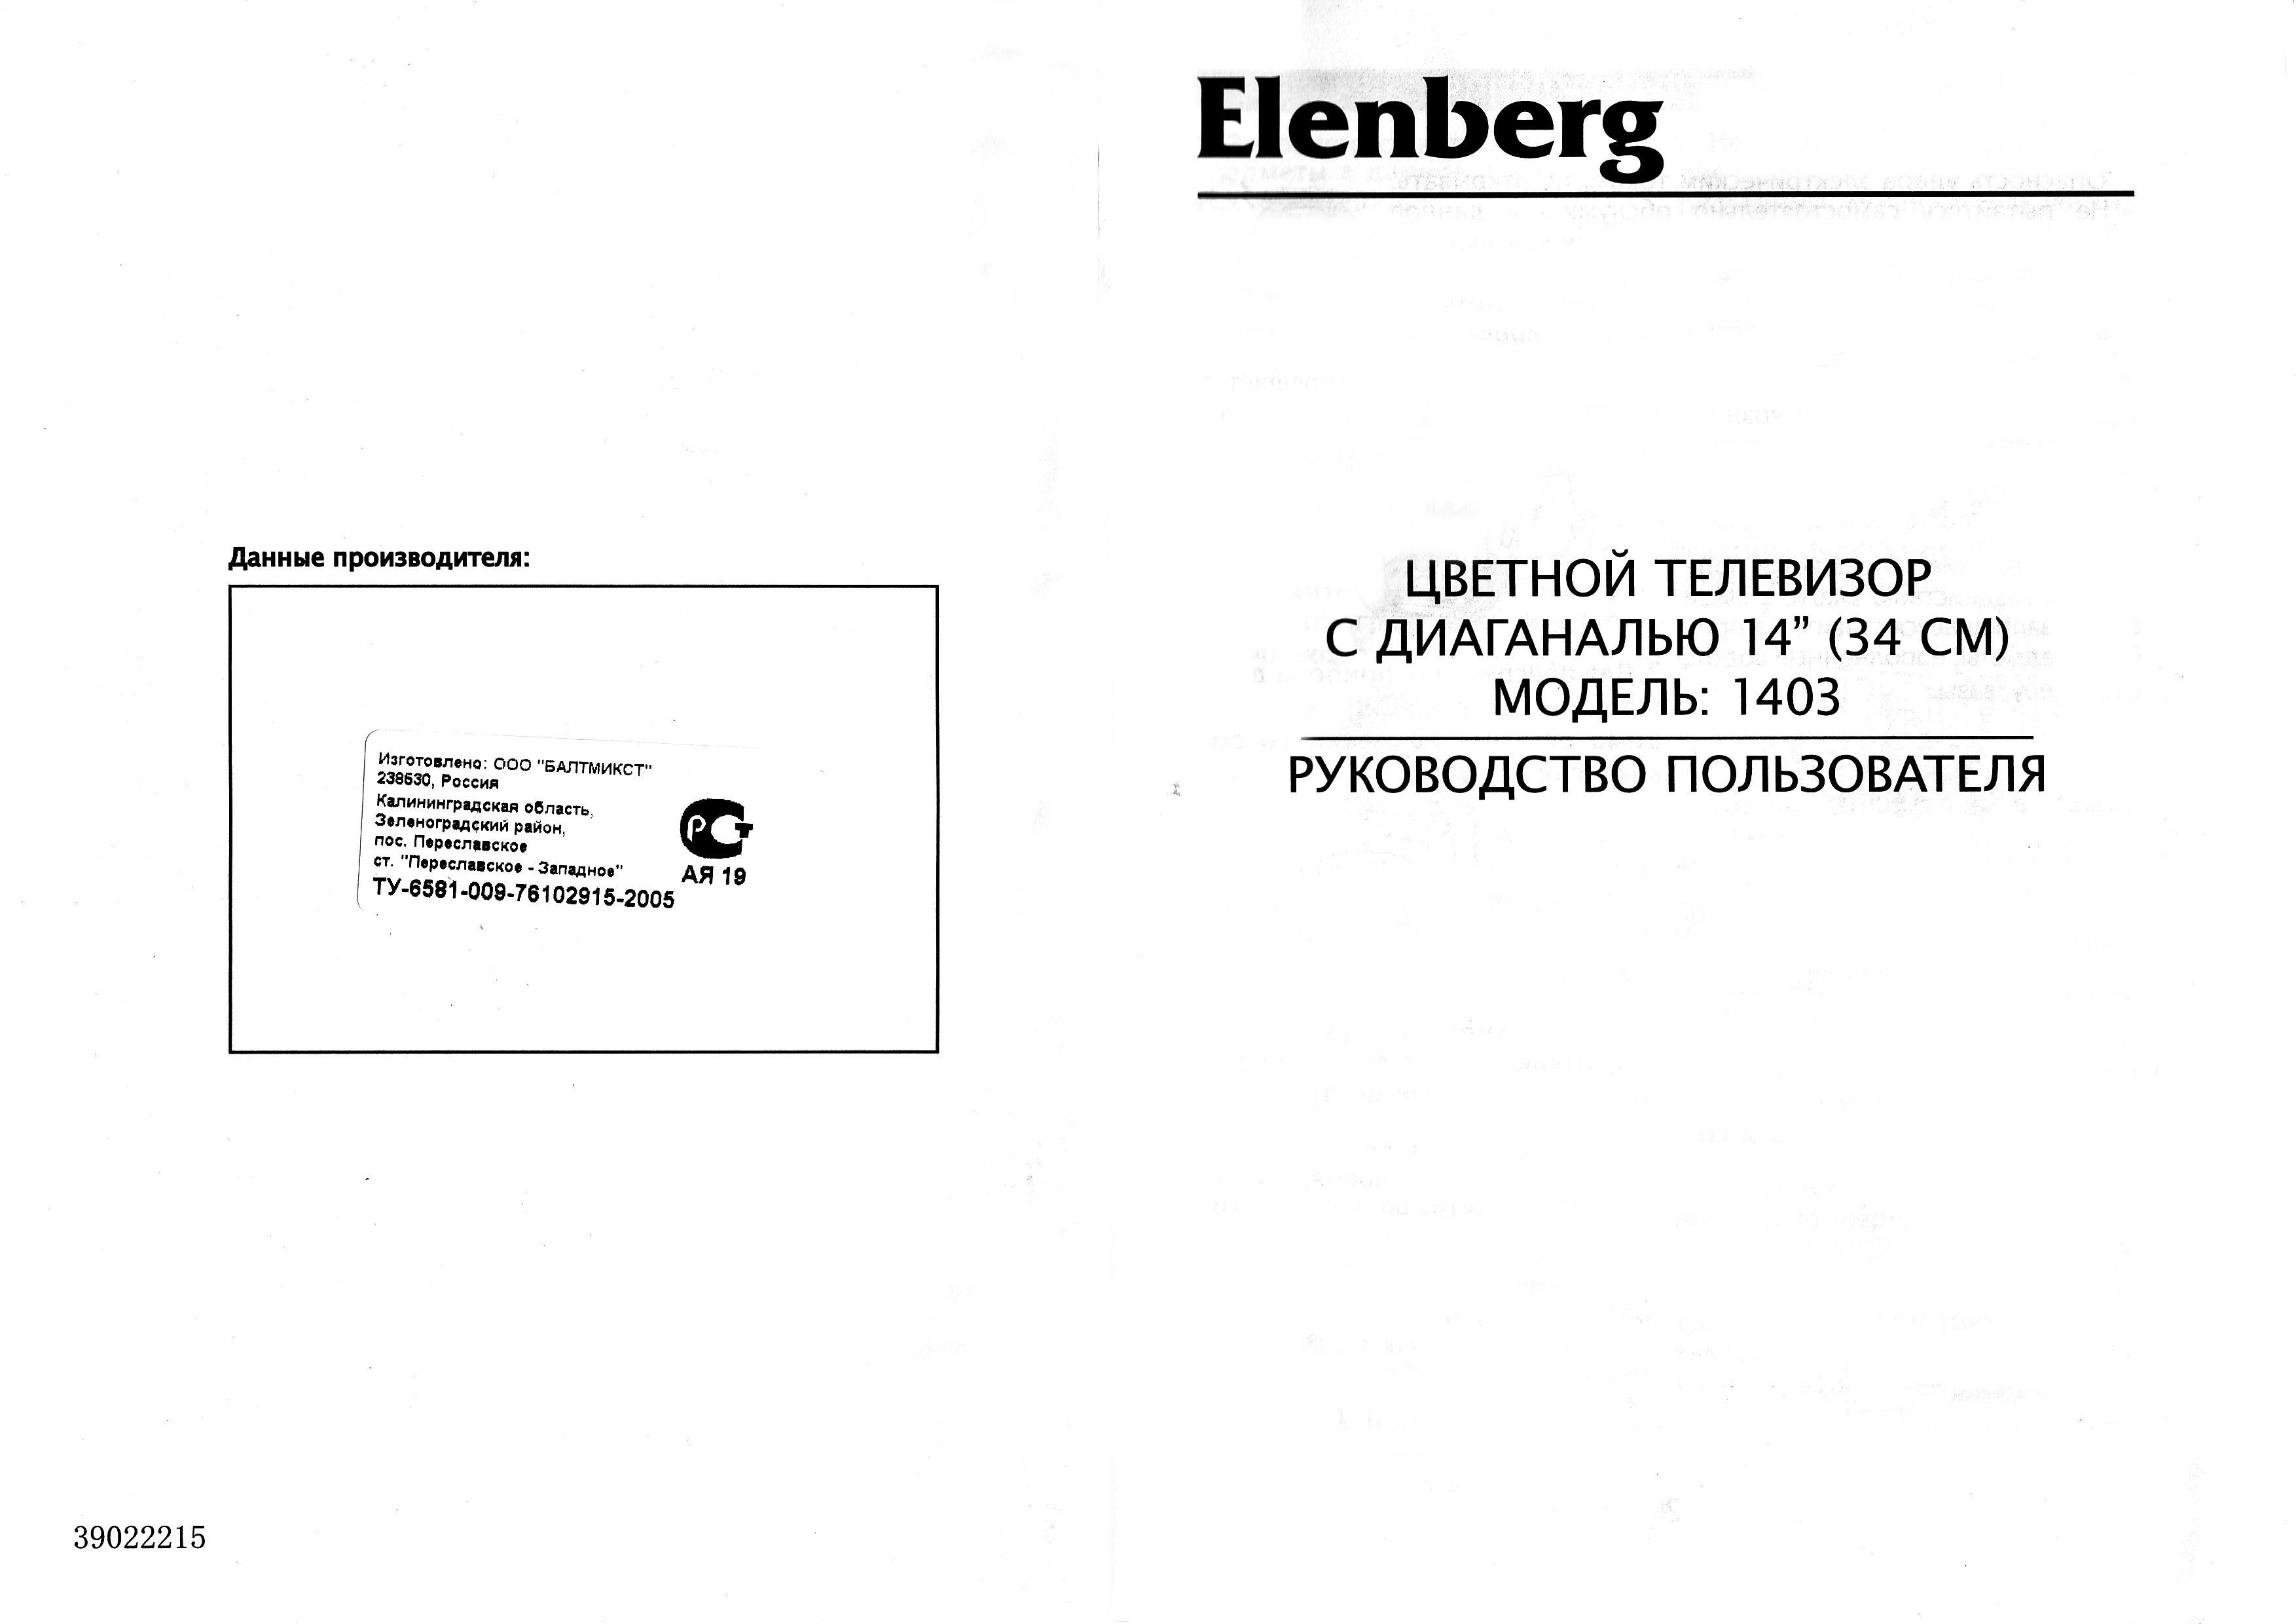 Elenberg 2910f телевизор инструкция